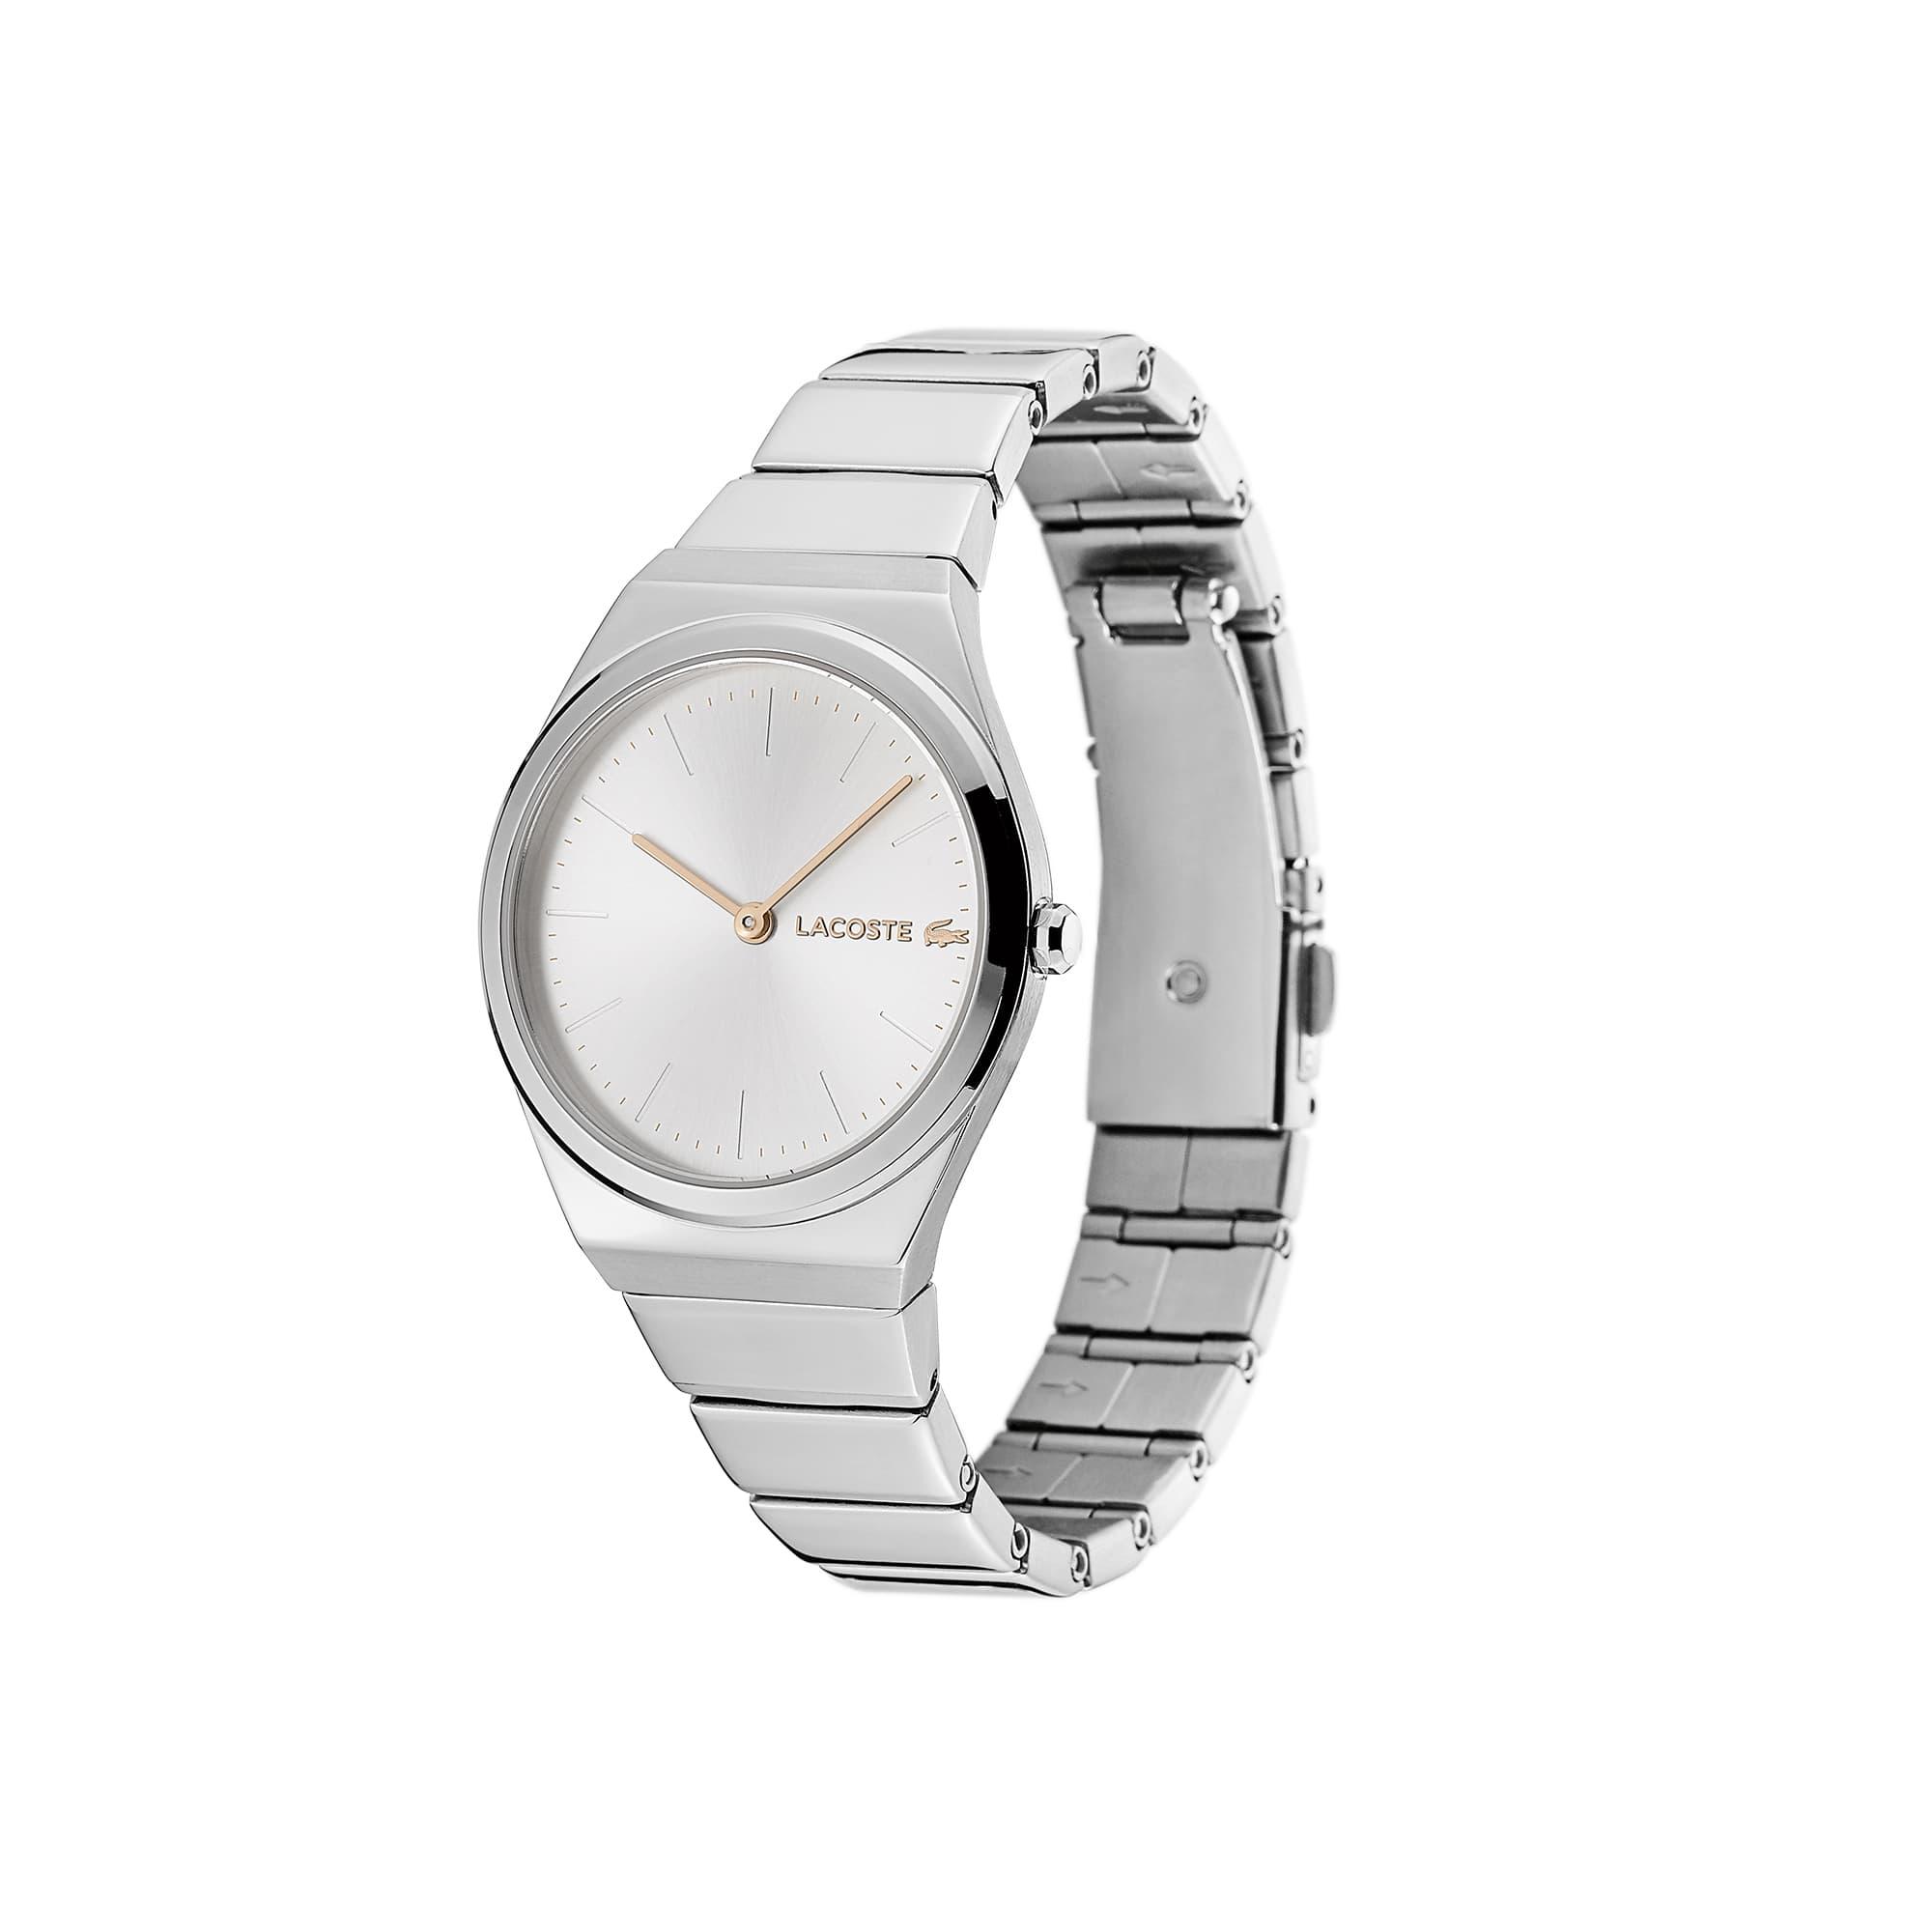 Relógio Mia de mulher com bracelete em aço inoxidável